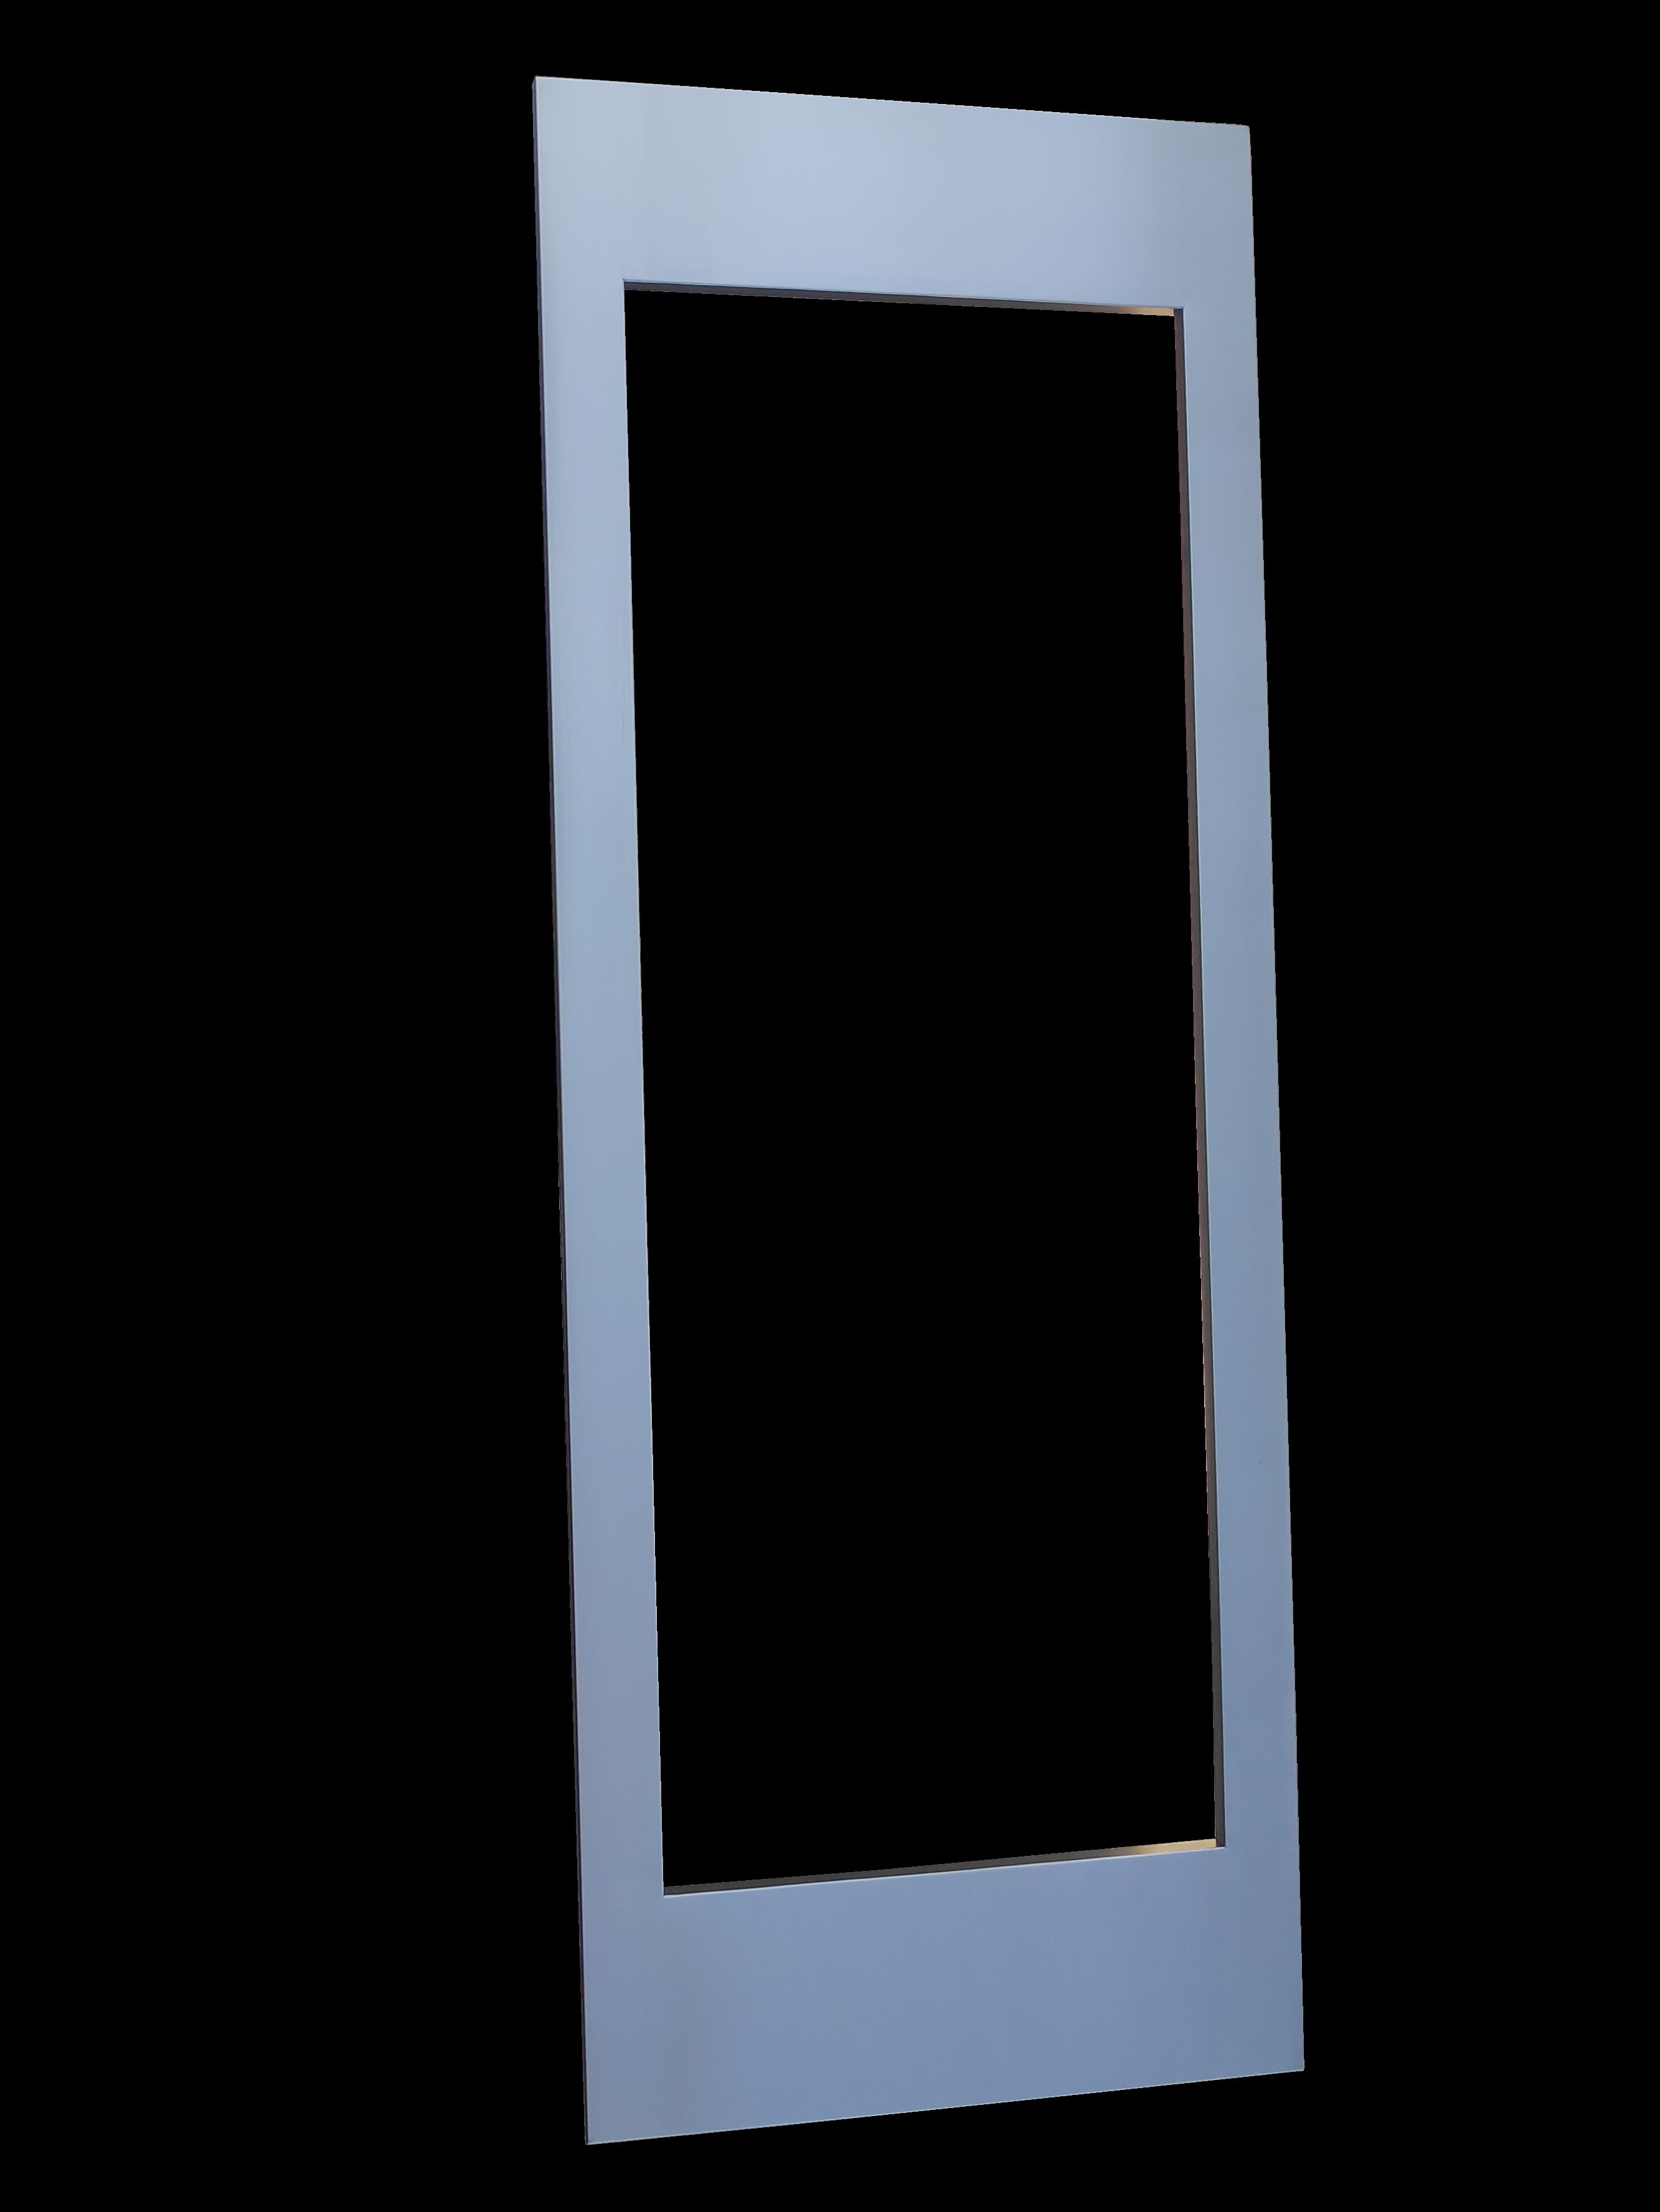 Puertas de cocina en acero inoxidable a medida aceros rago for Puertas para muebles de cocina precios